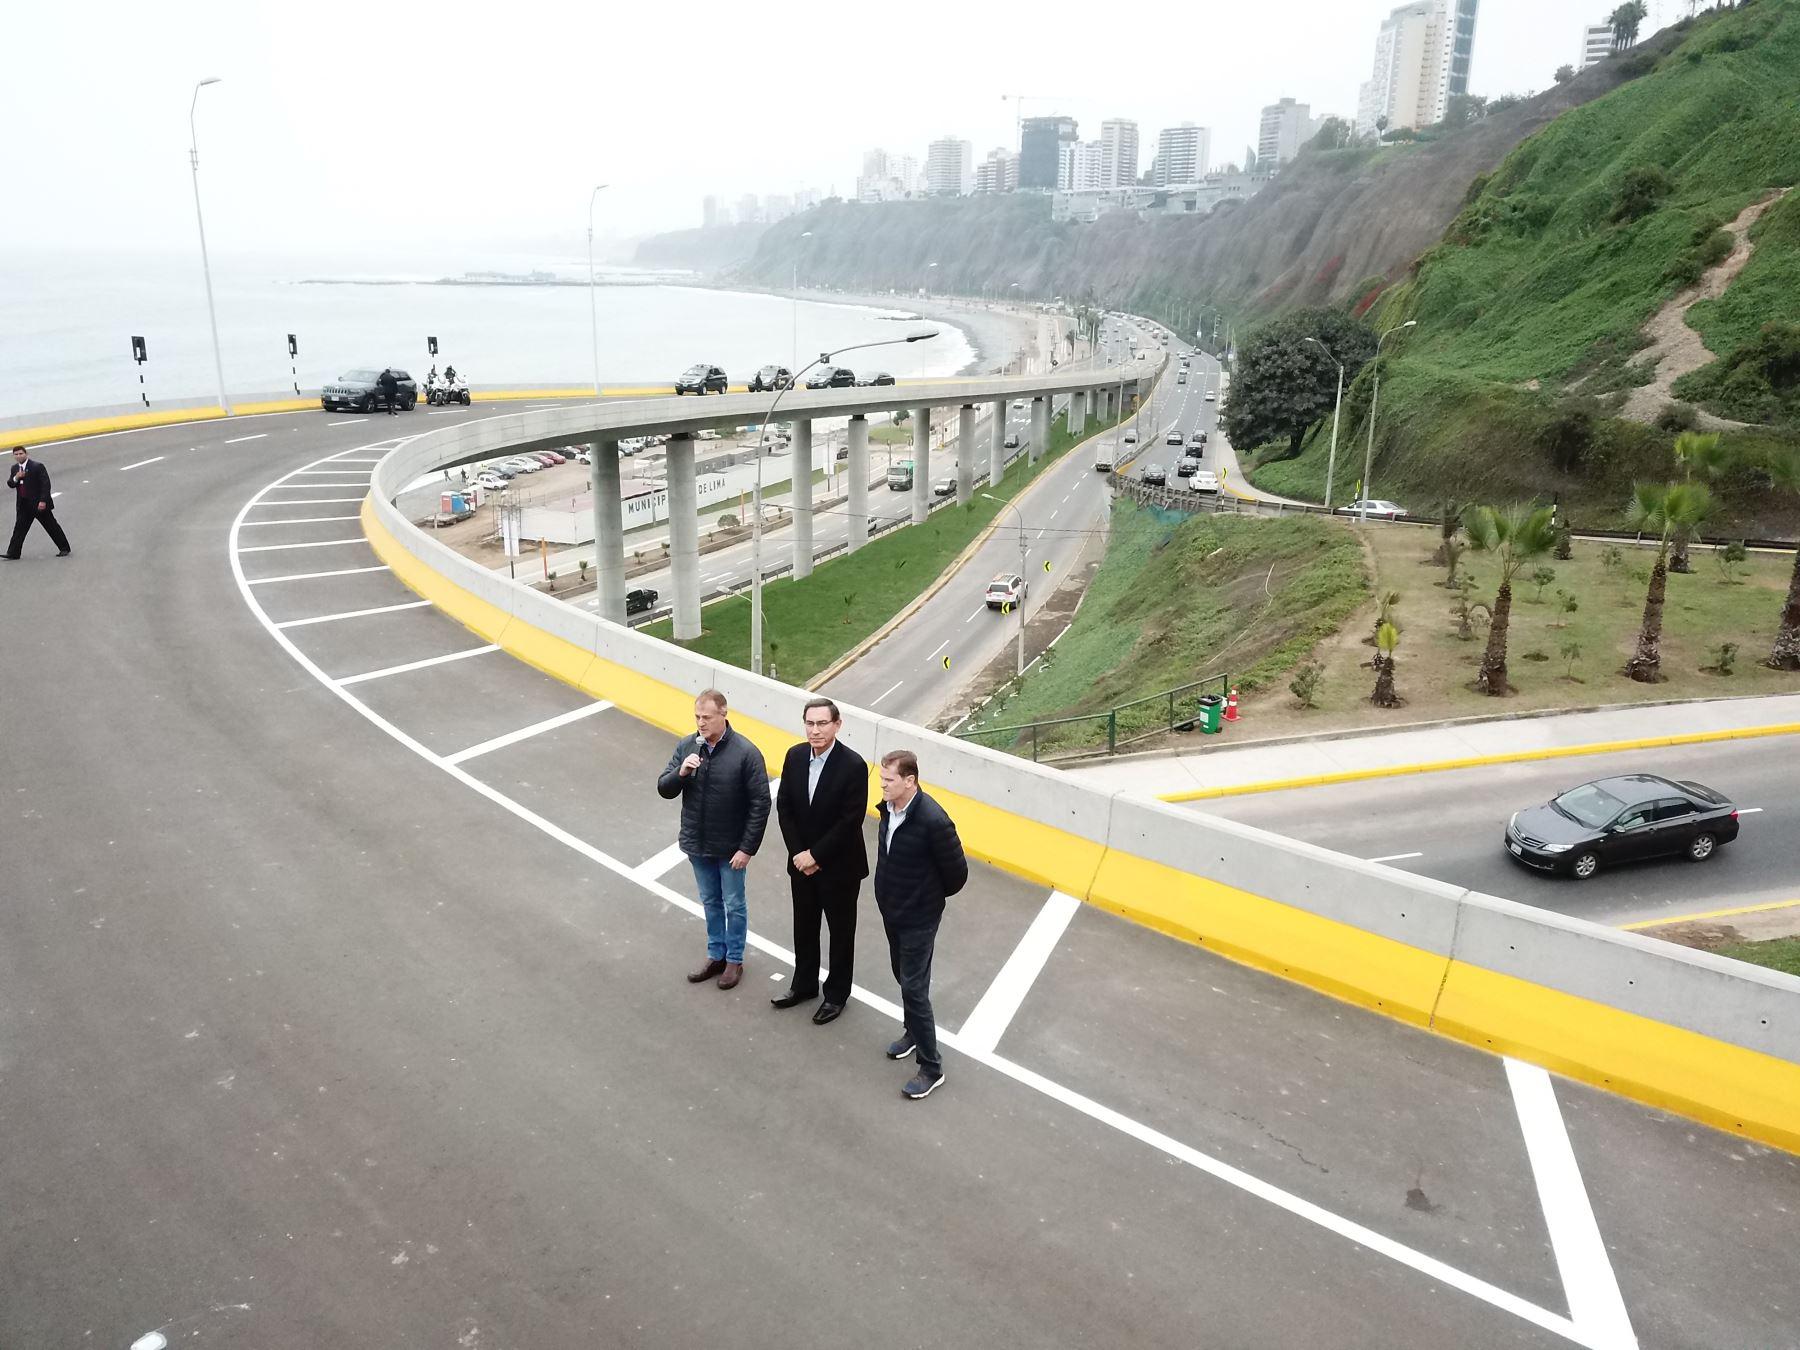 Presidente de la República, Martín Vizcarra, inaugura Viaducto Armendáriz.   Foto: ANDINA/Juan Carlos Guzmán Negrini.